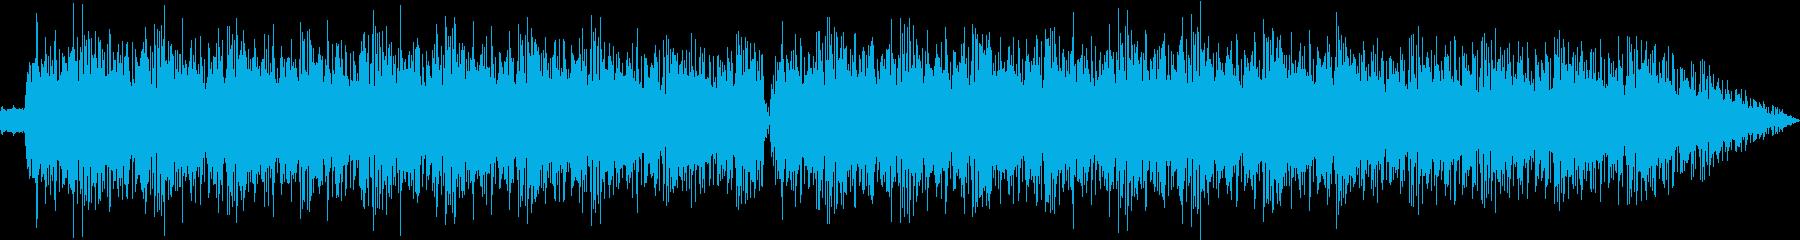 シンプルで情緒的なテクノ曲の再生済みの波形